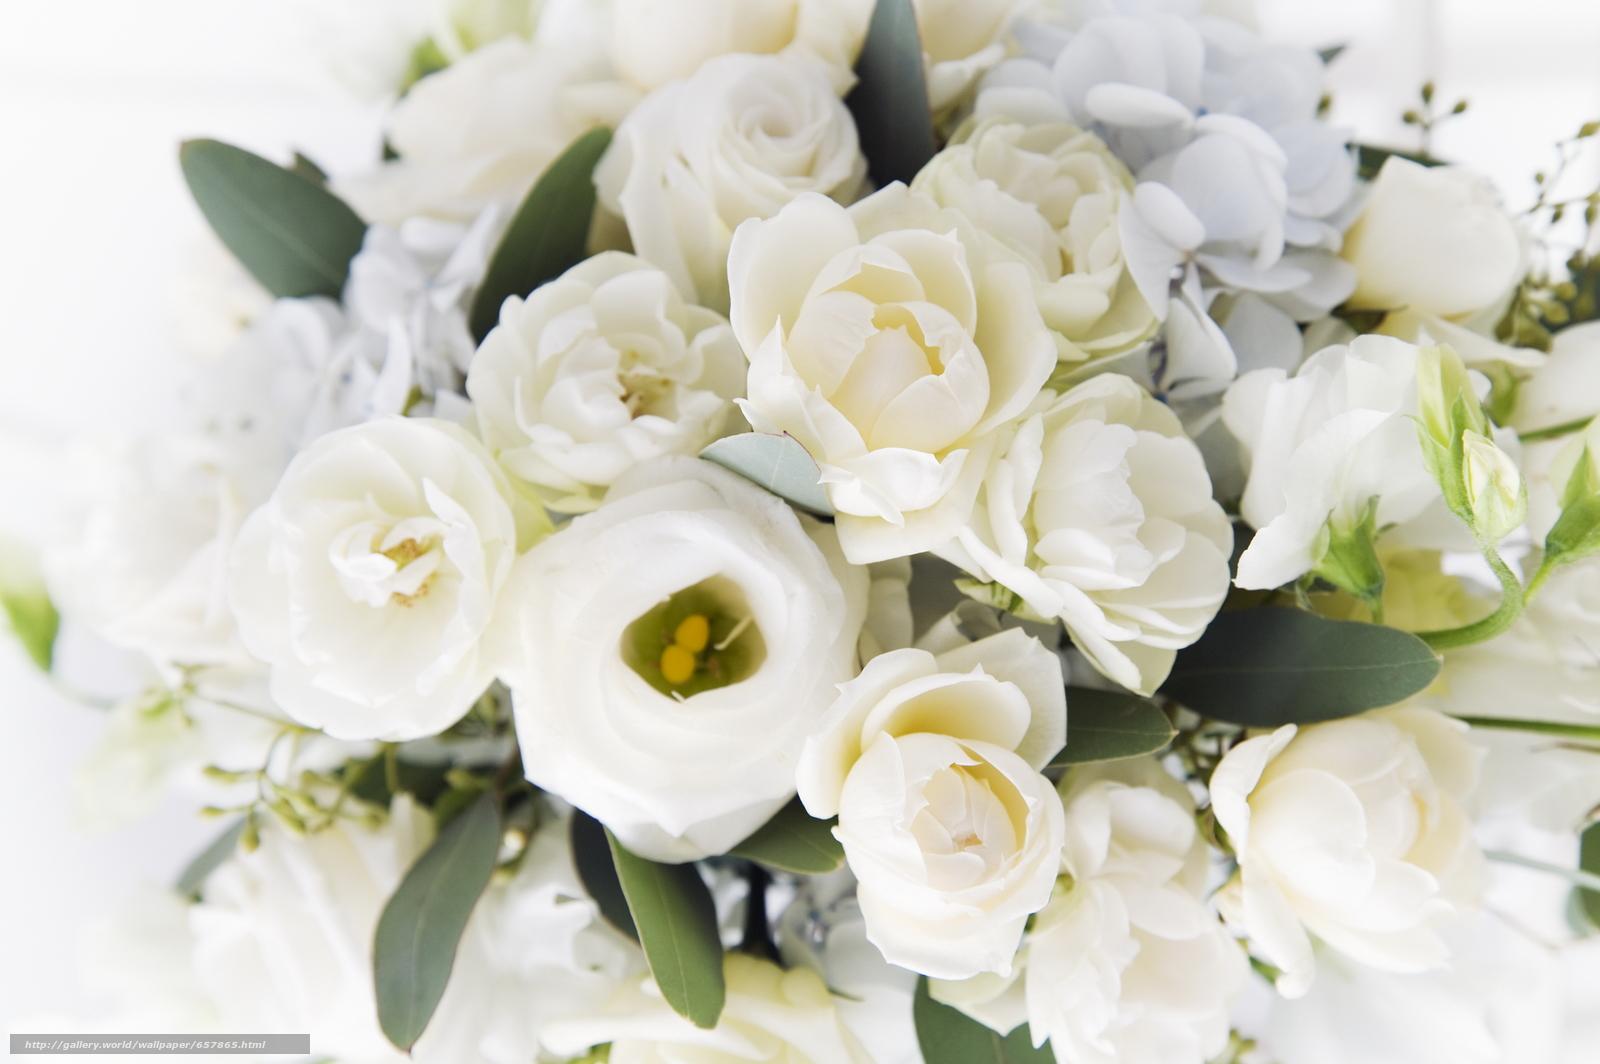 Скачать обои цветы,  цветок,  роза,  розы бесплатно для рабочего стола в разрешении 2950x1961 — картинка №657865